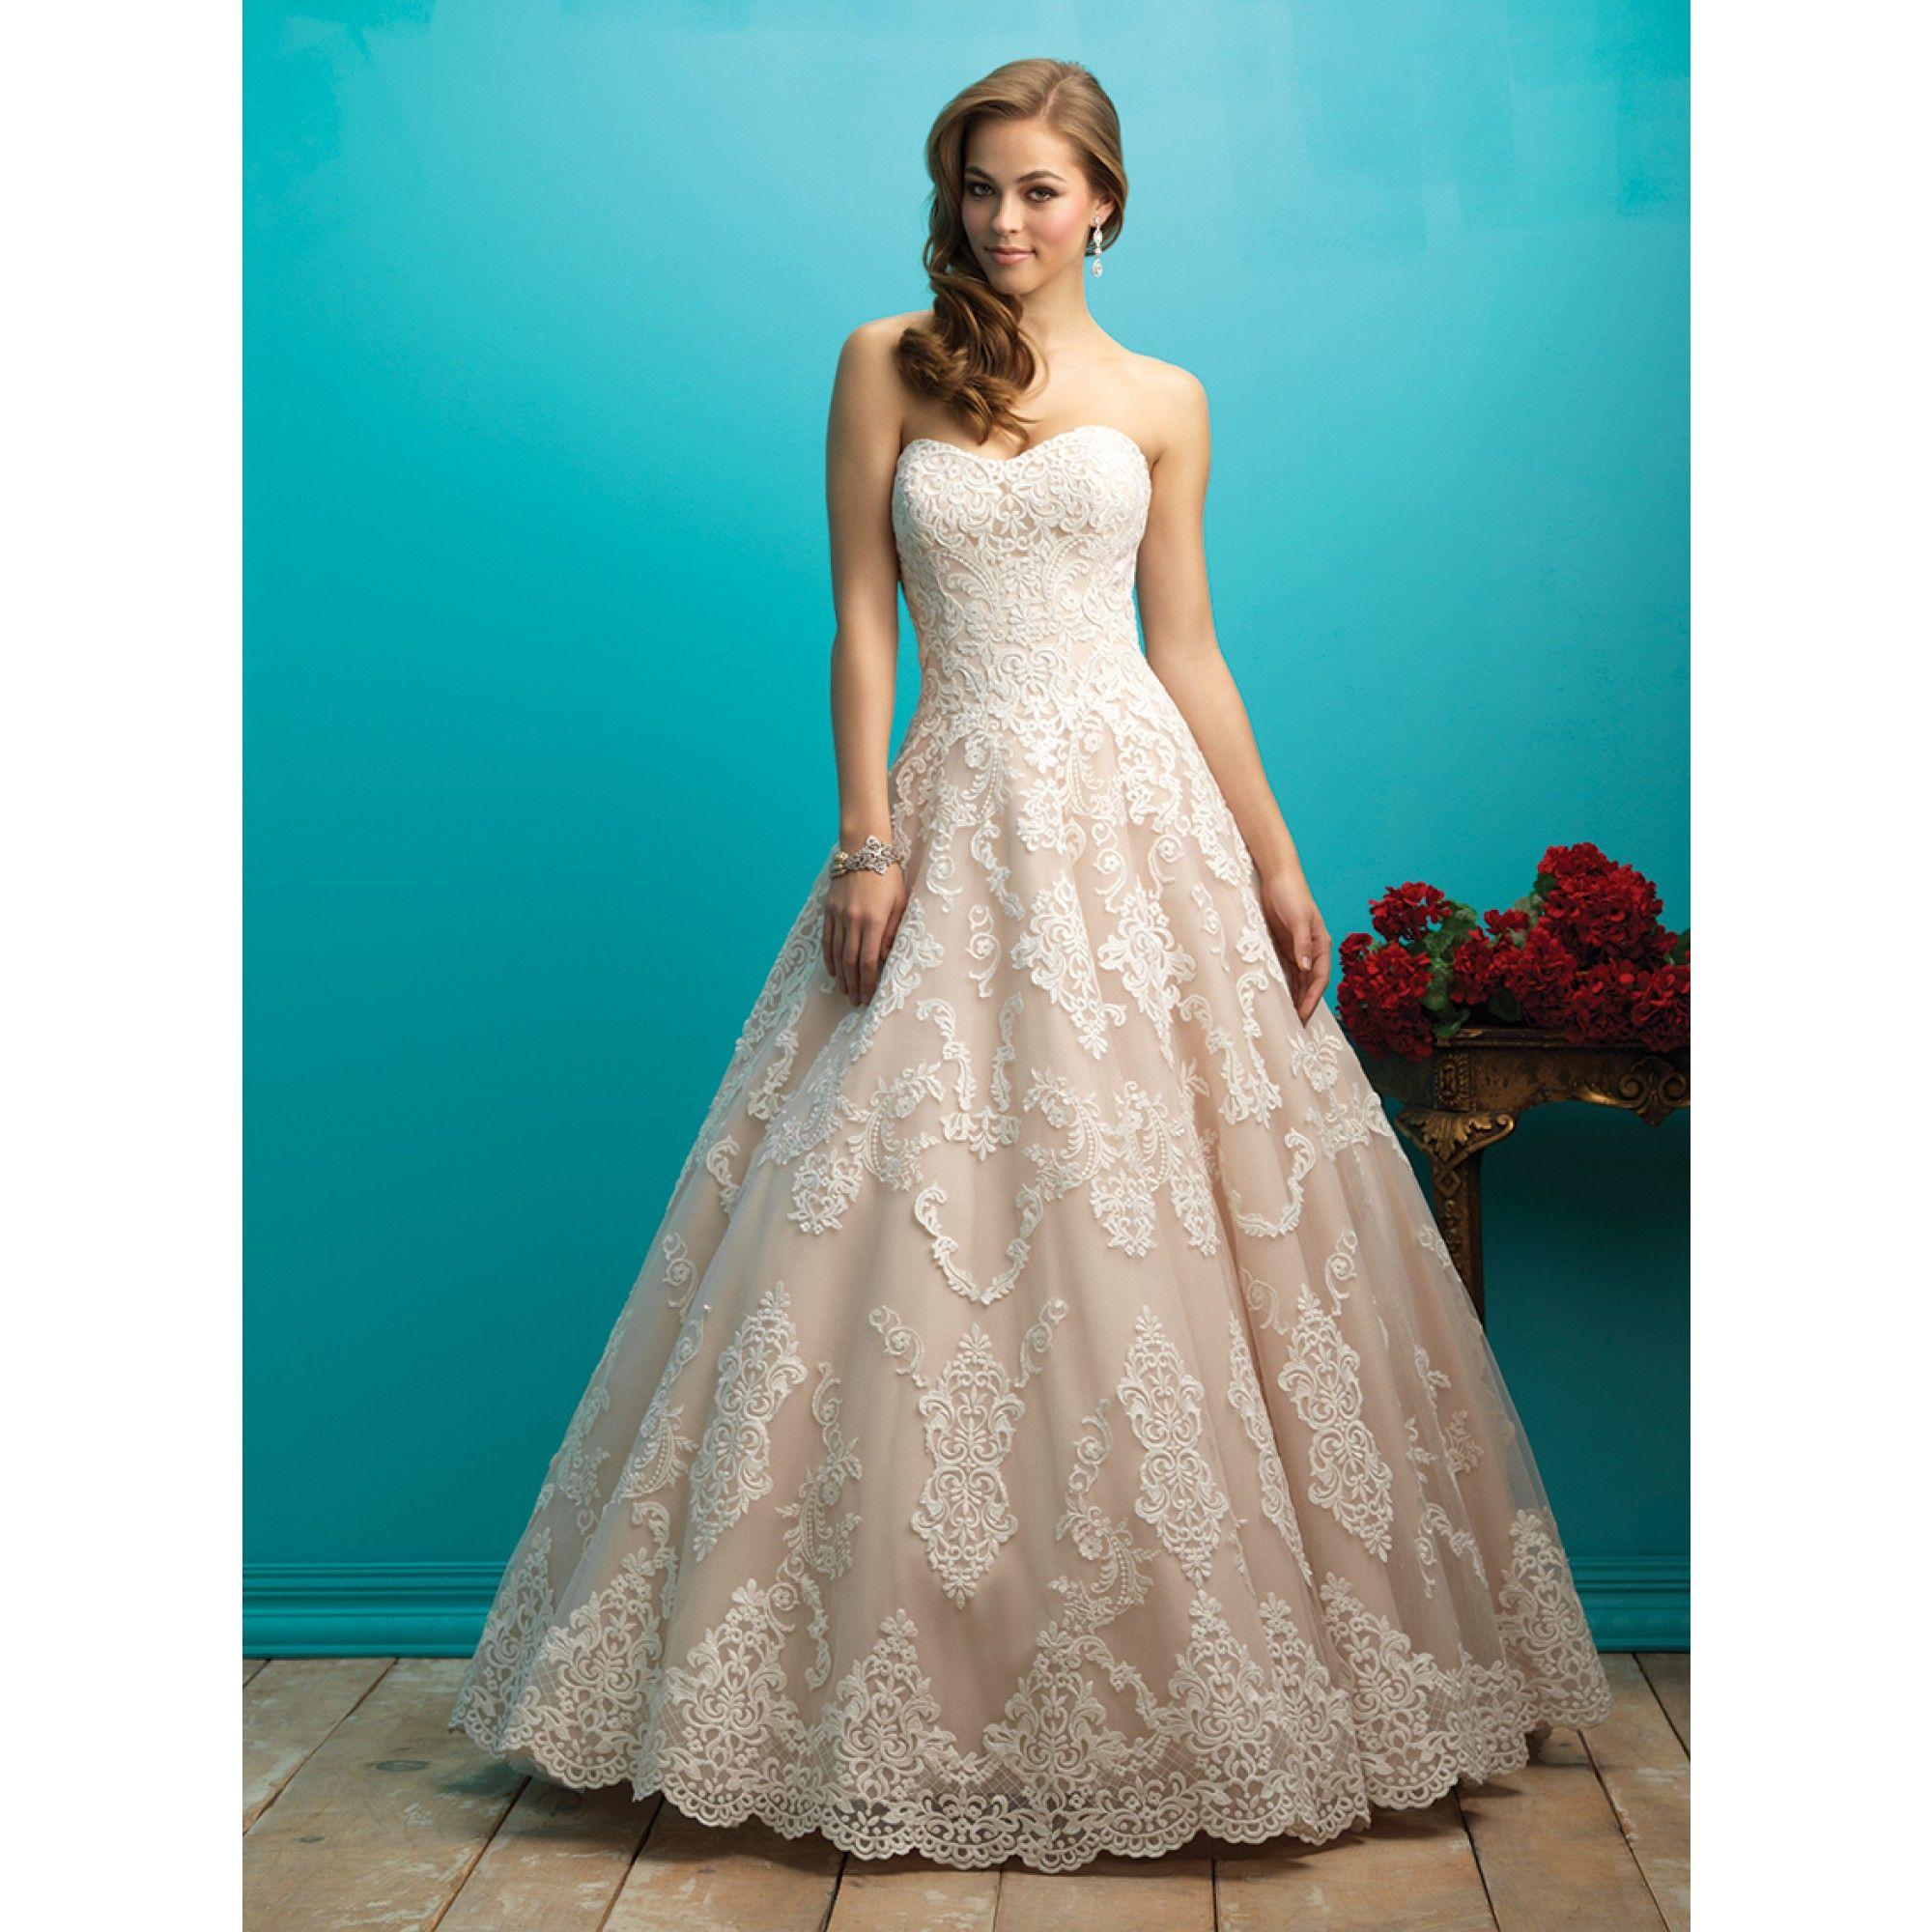 Allure Bridals 9268|Allure Bridal dress 9268|Allure 9268 ...